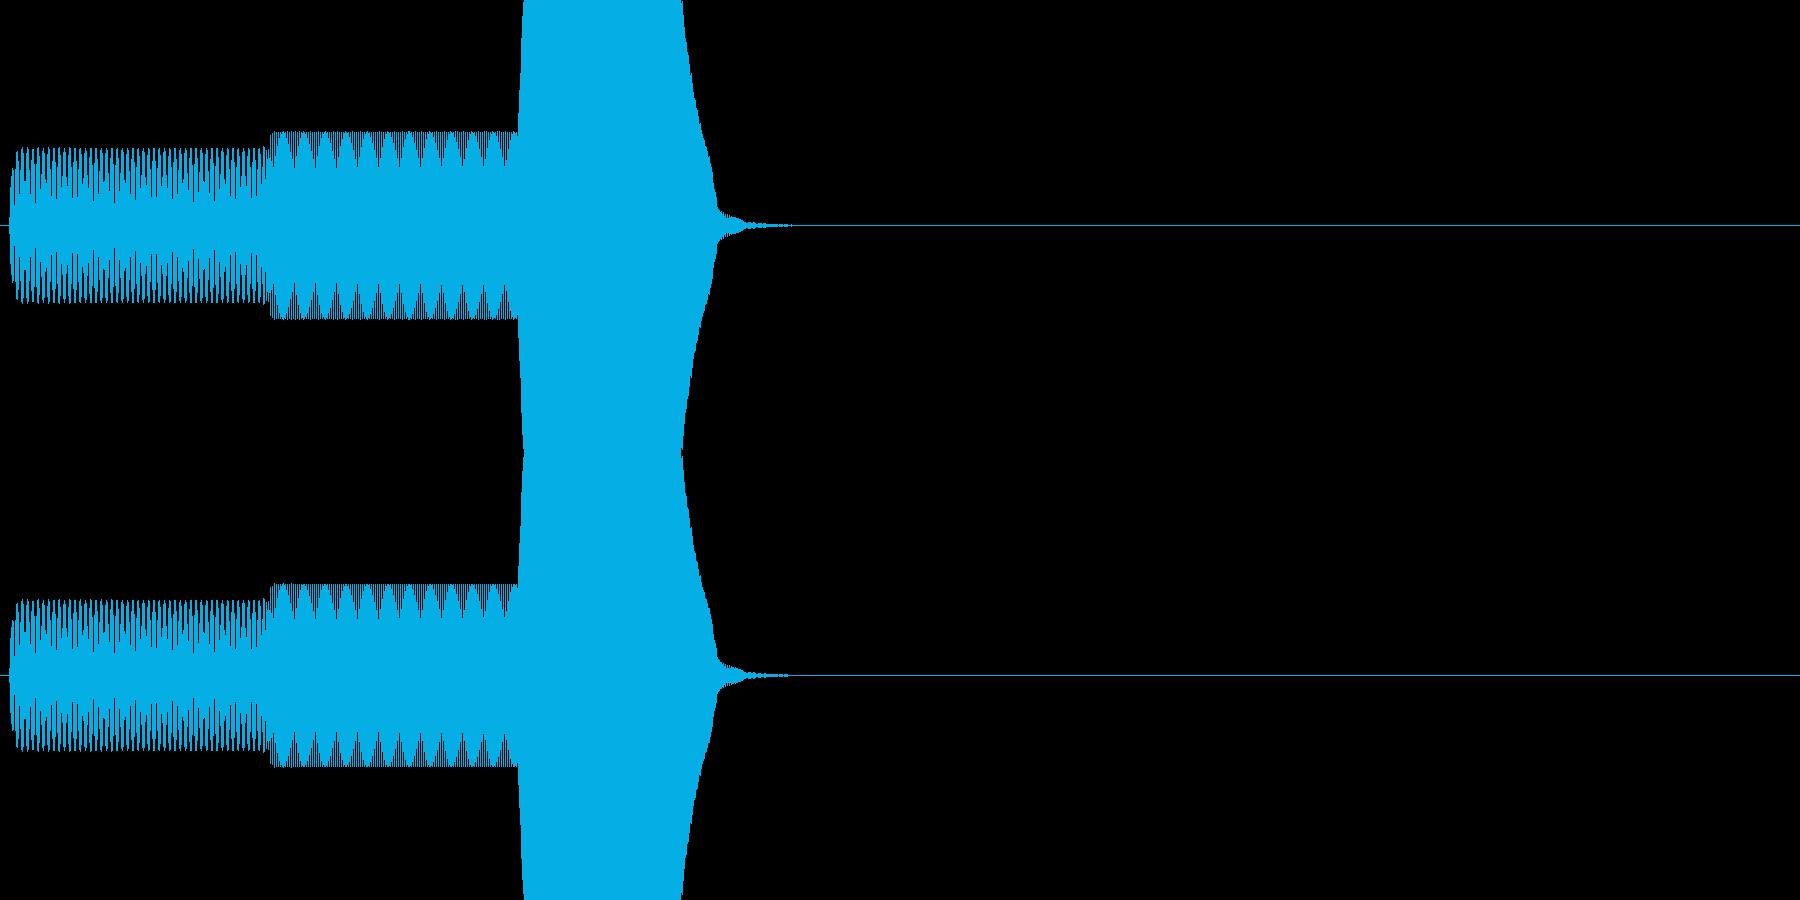 ゲーム系カーソル選択音01 (進む)の再生済みの波形